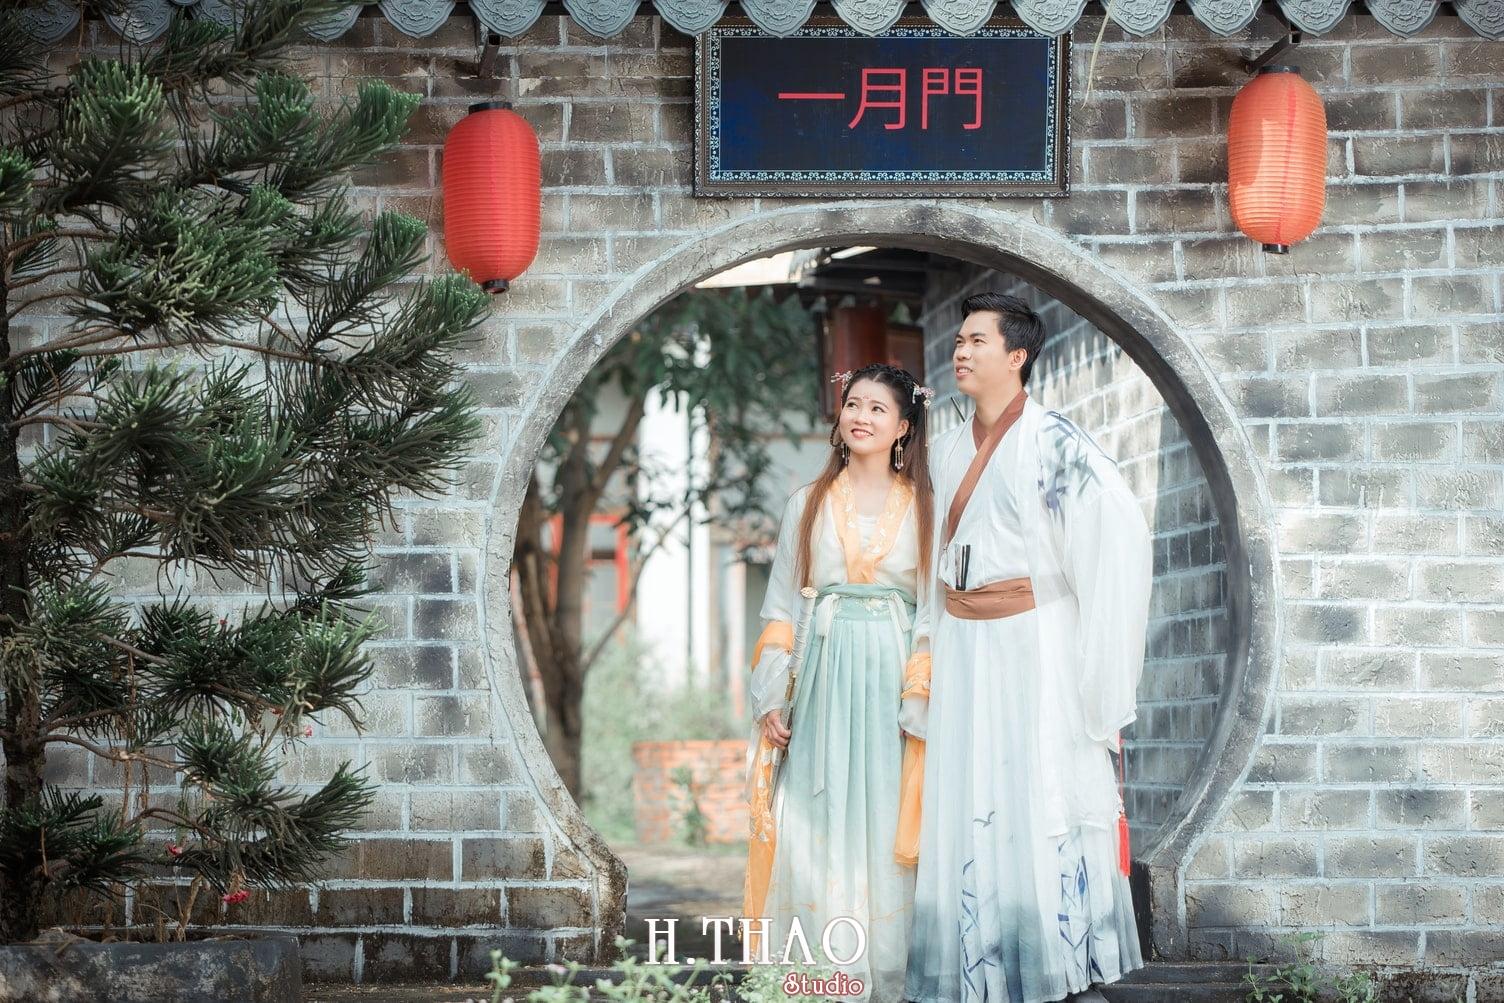 Couple co trang 4 - Album ảnh chụp cổ trang couple đôi bạn đẹp độc lạ - HThao Studio